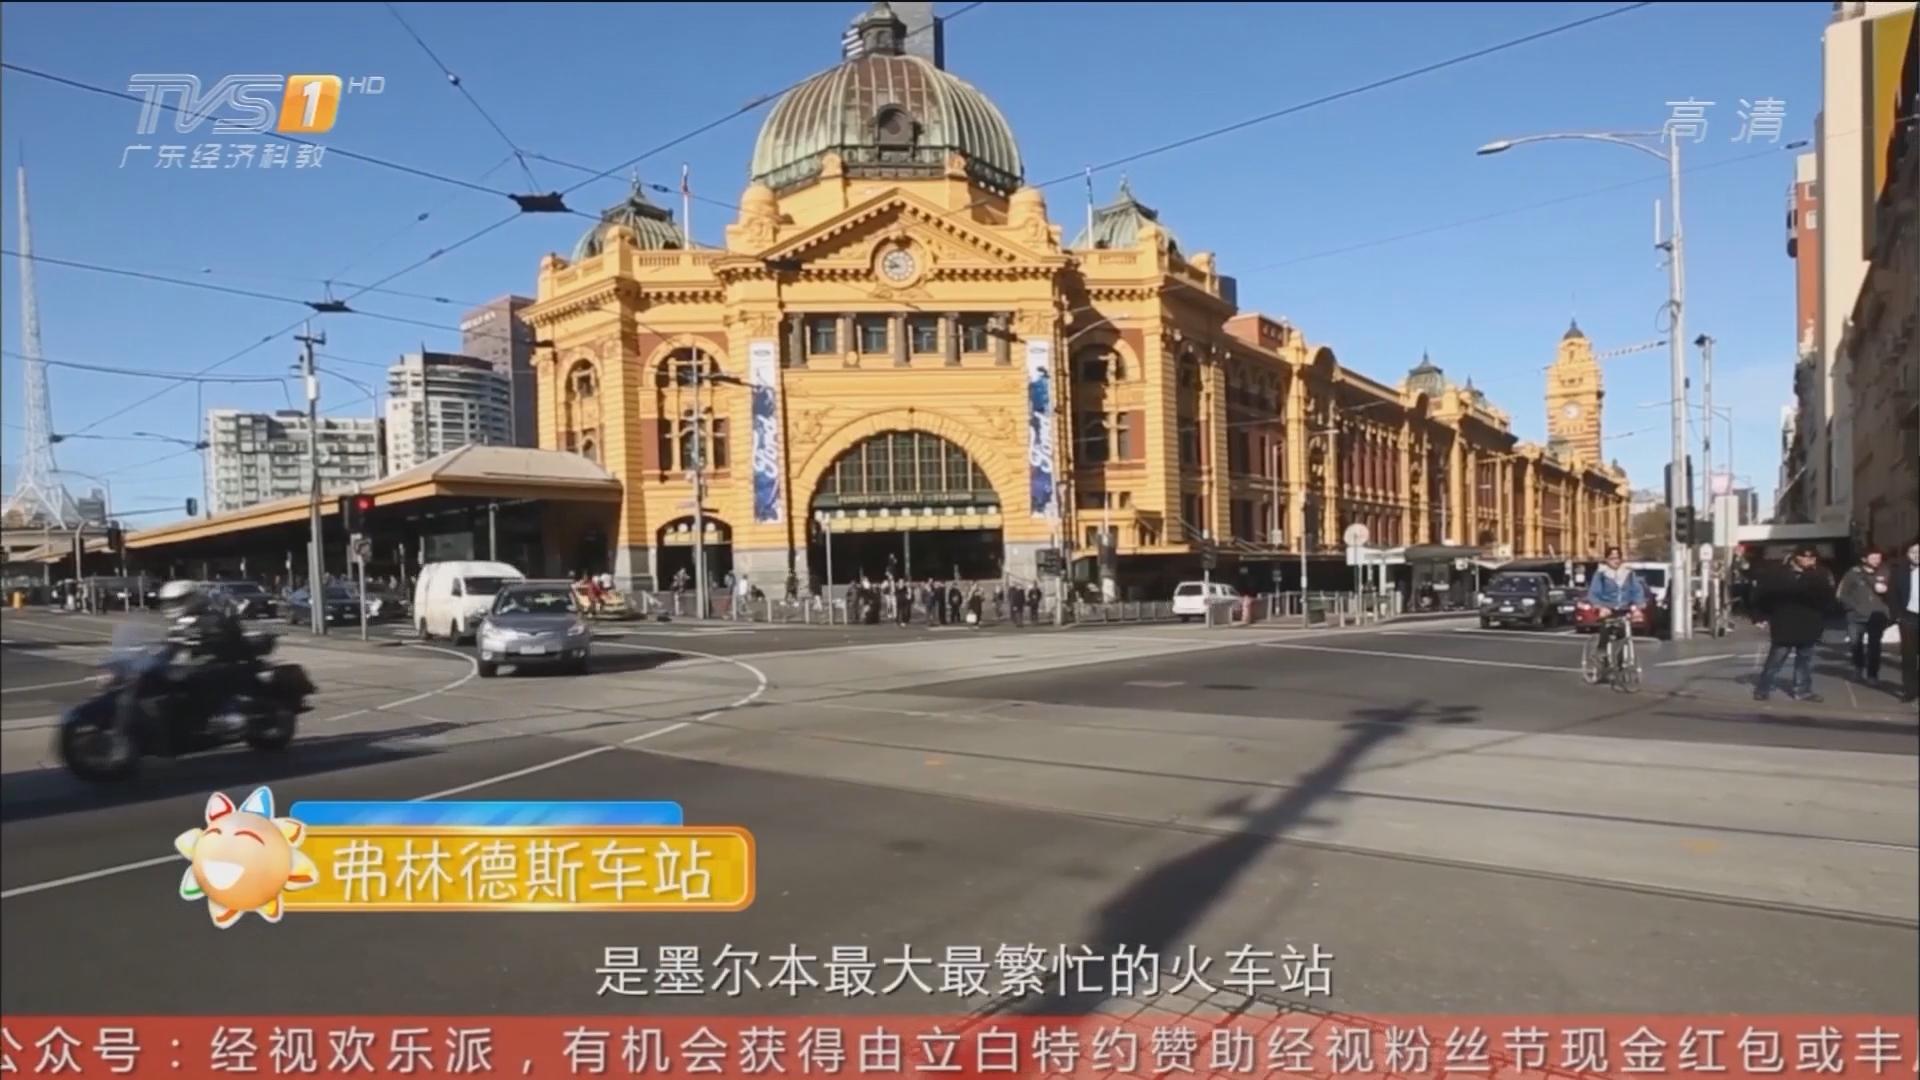 澳大利亚——弗林德斯车站